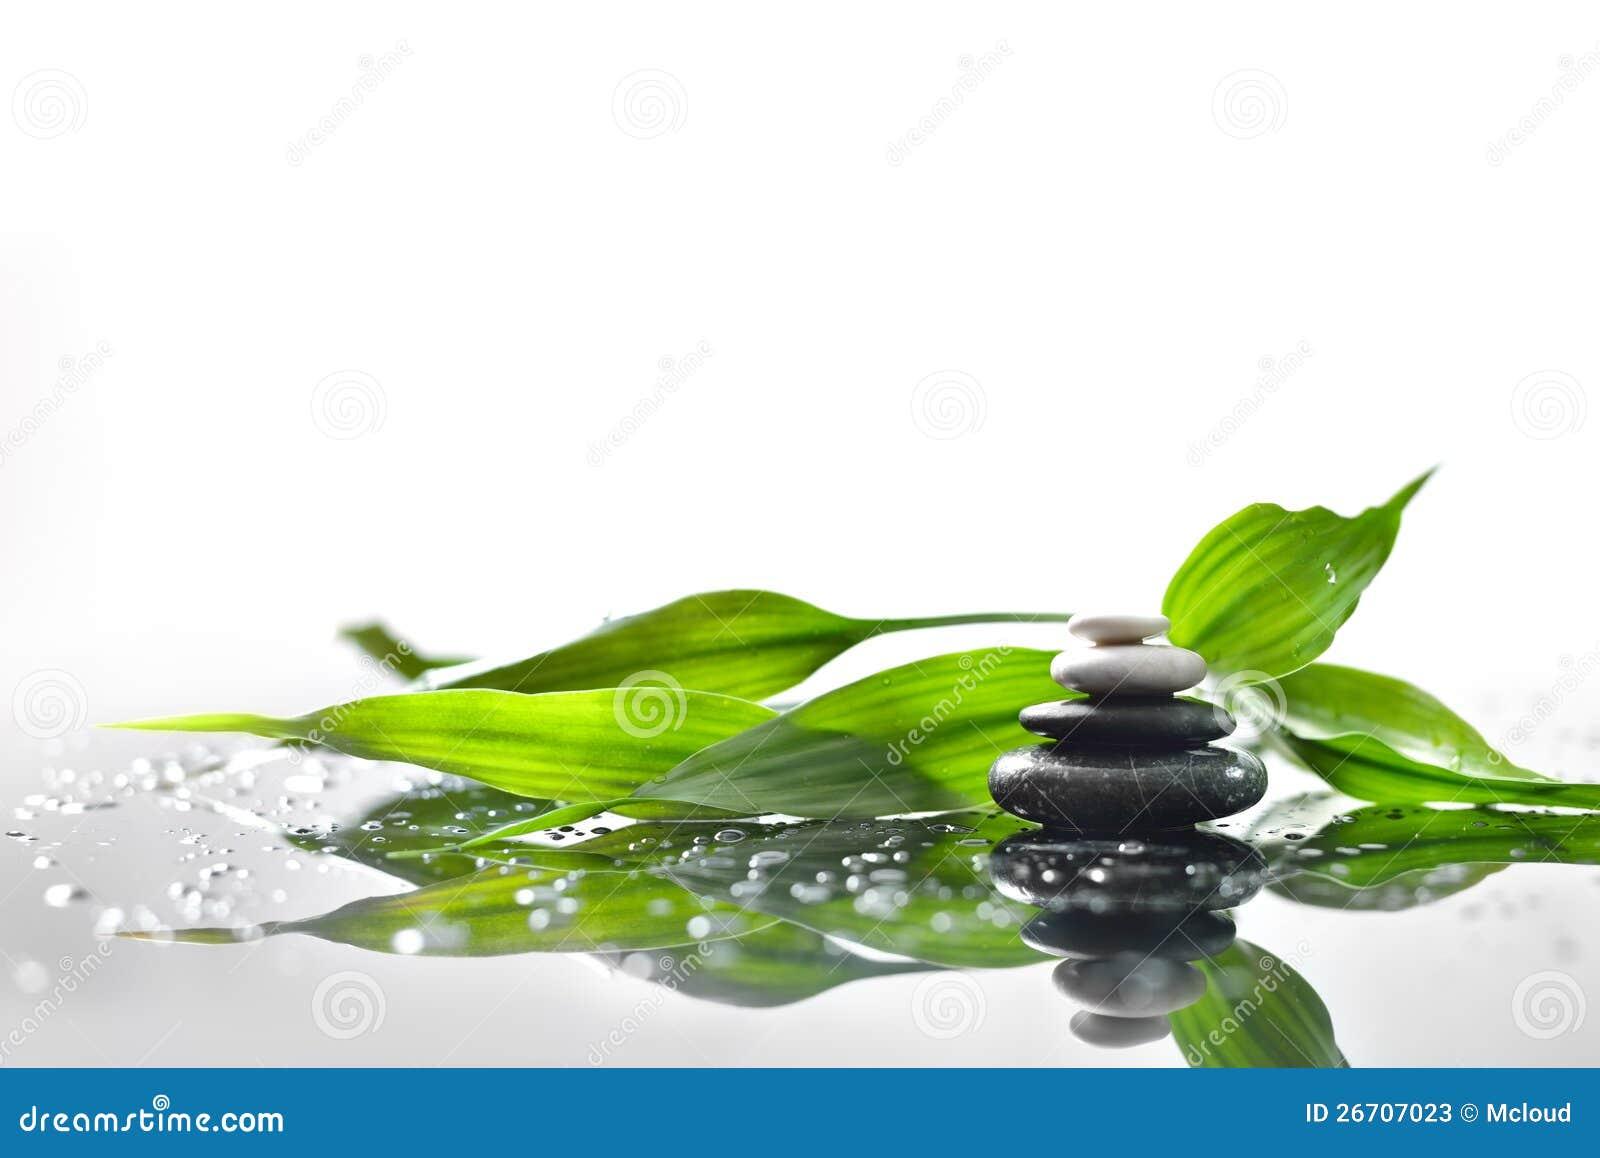 Piedras del zen y bamb verde imagen de archivo imagen for Figuras para jardin zen